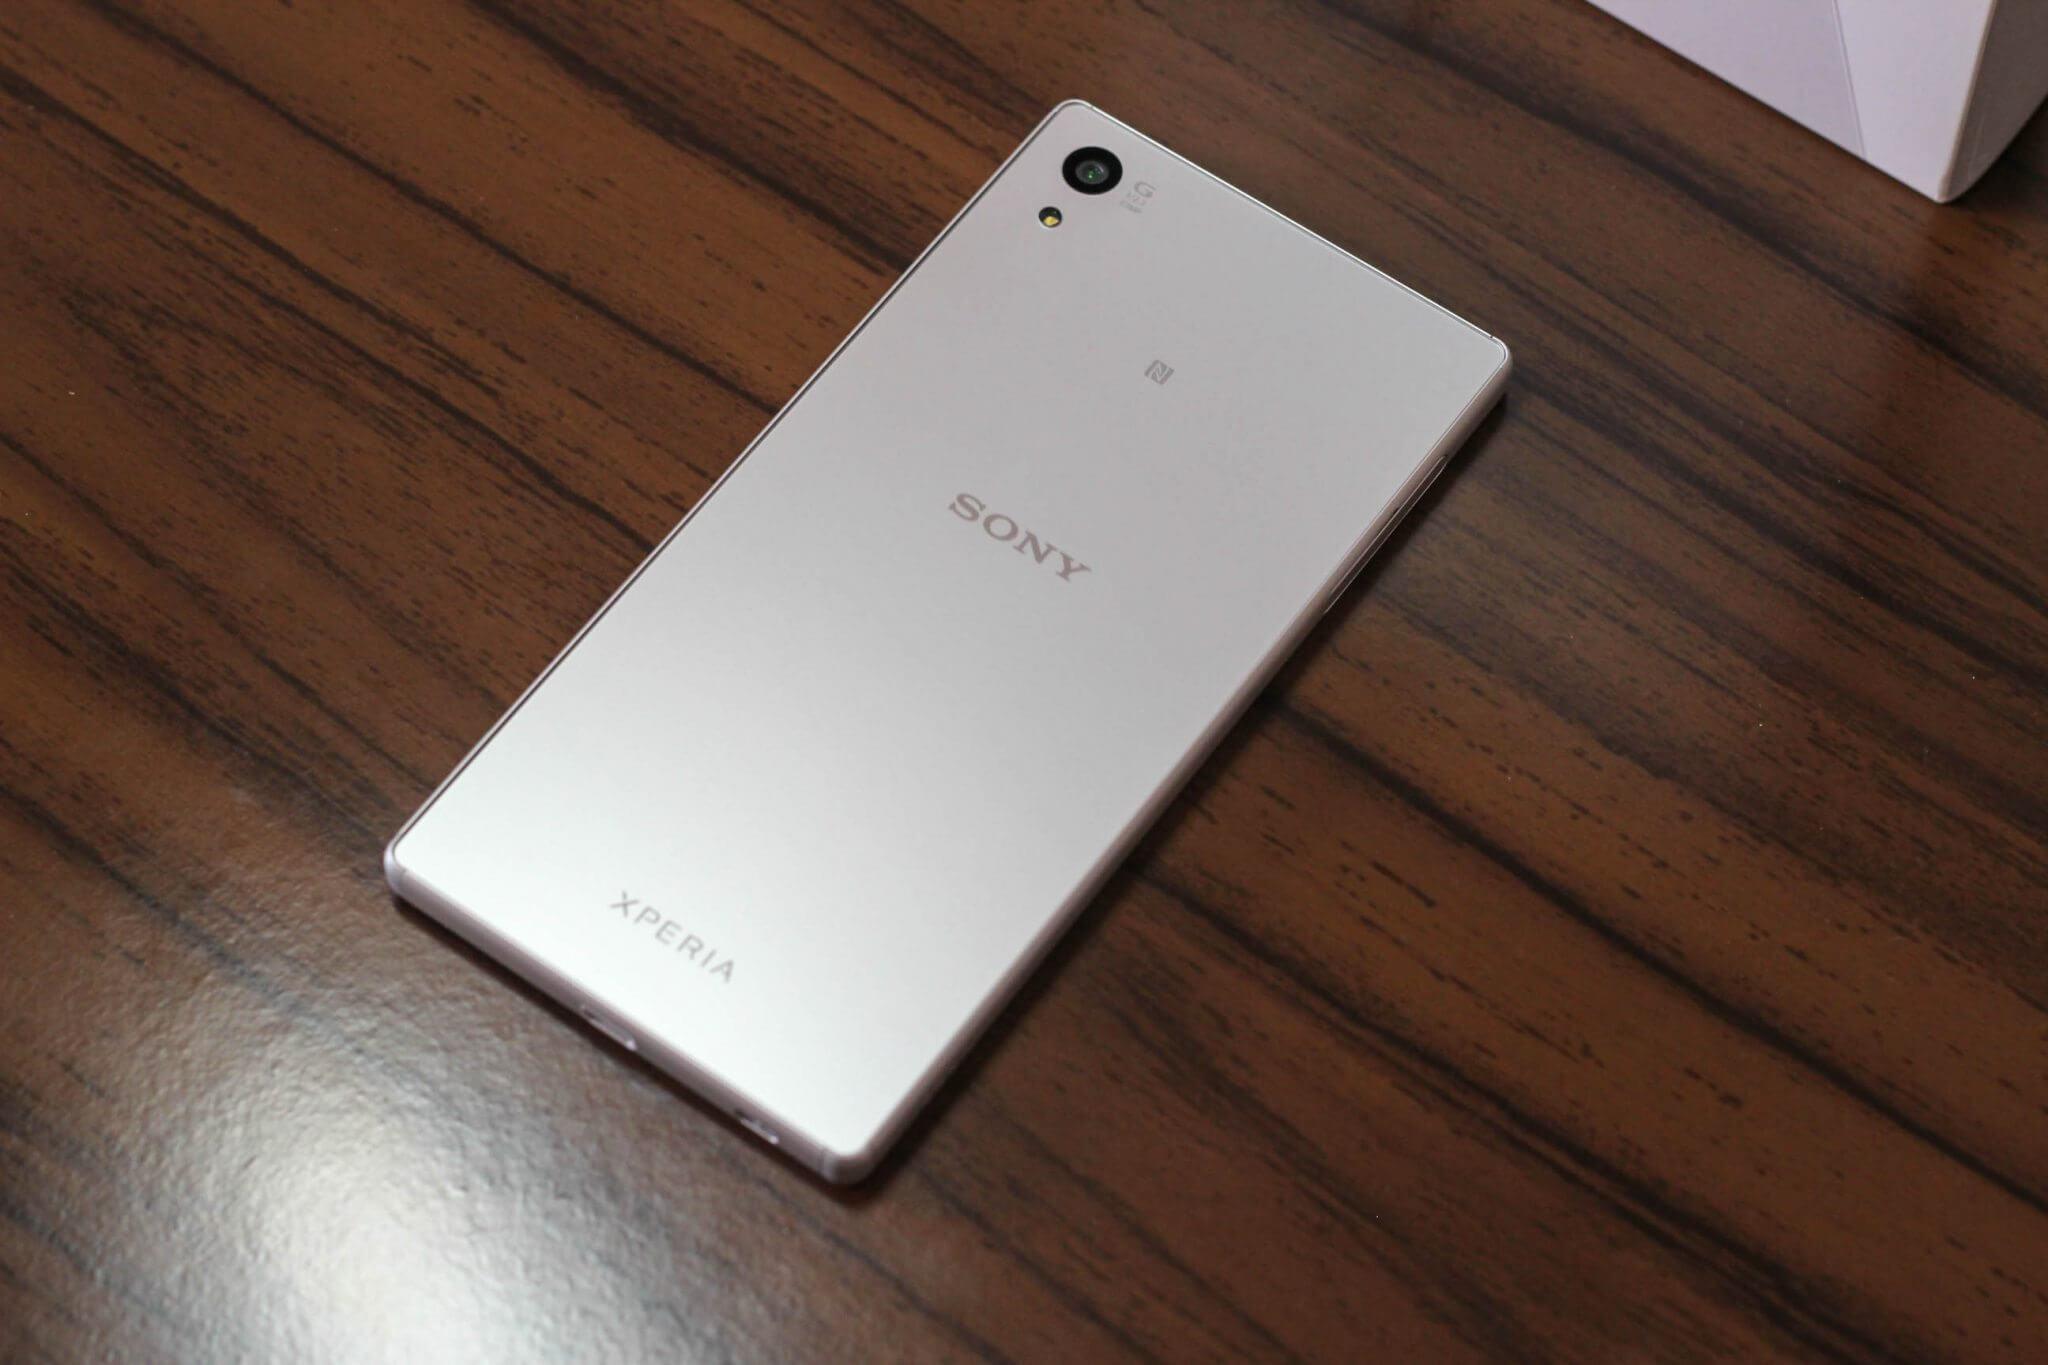 Sony xperia z5 9